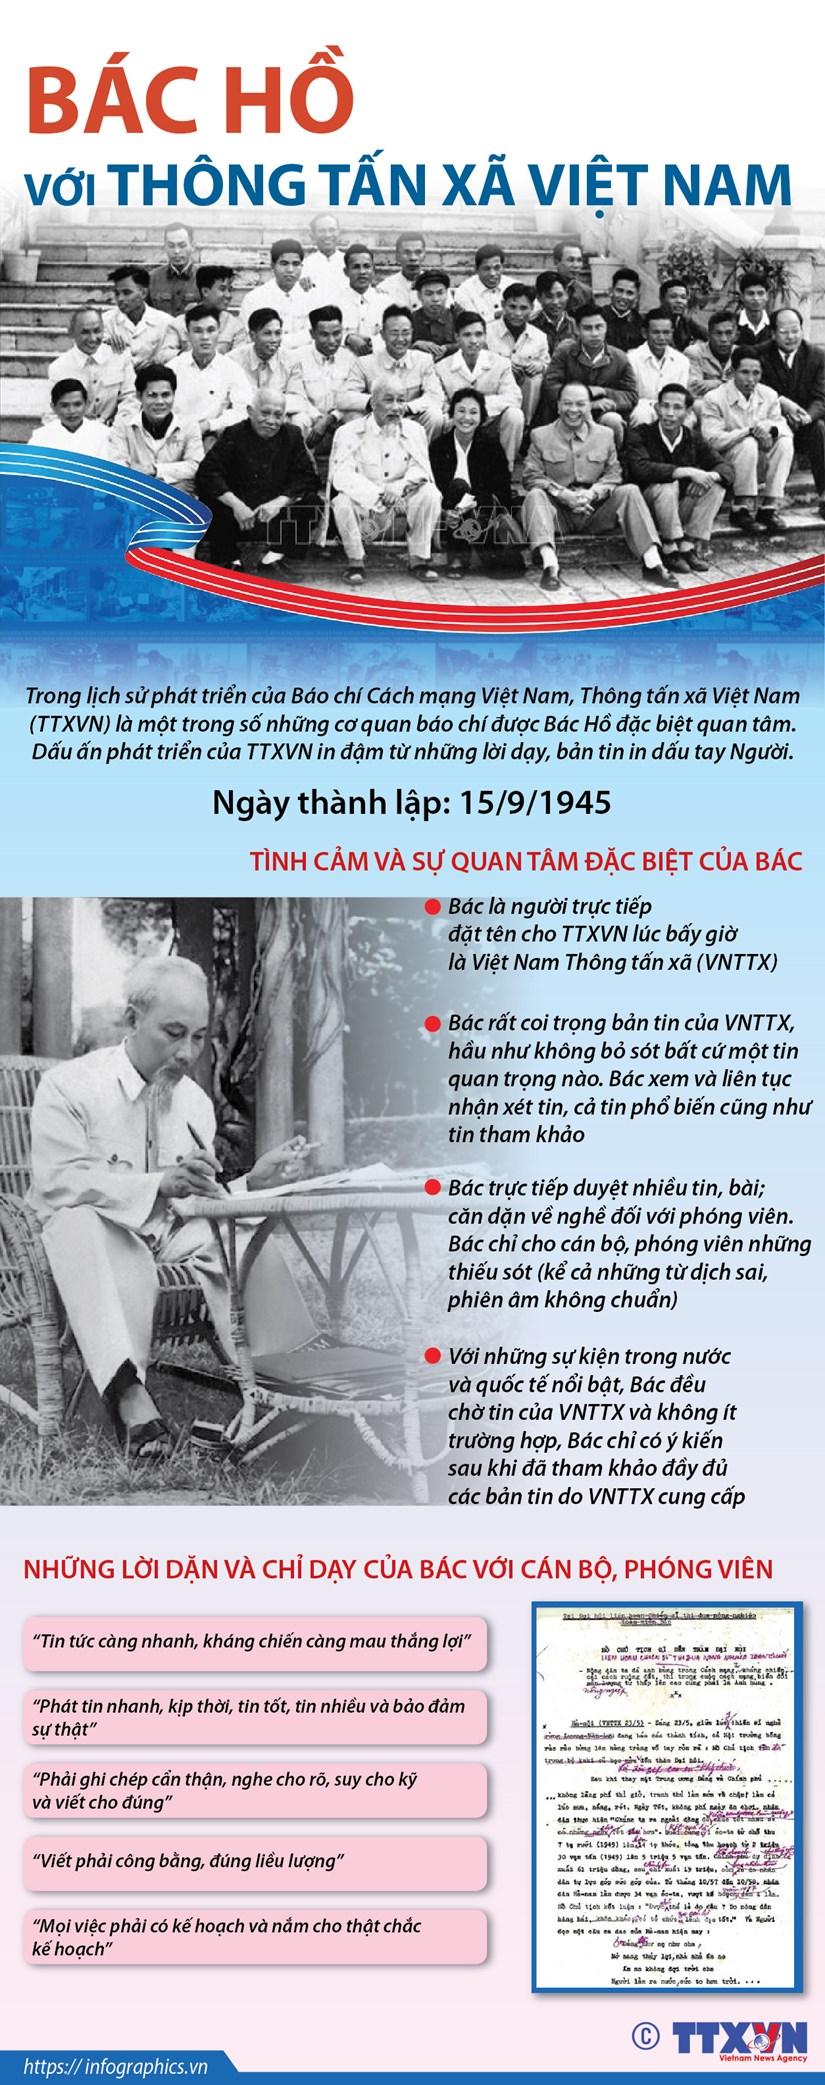 [Infographics] Bac Ho voi Thong tan xa Viet Nam hinh anh 1